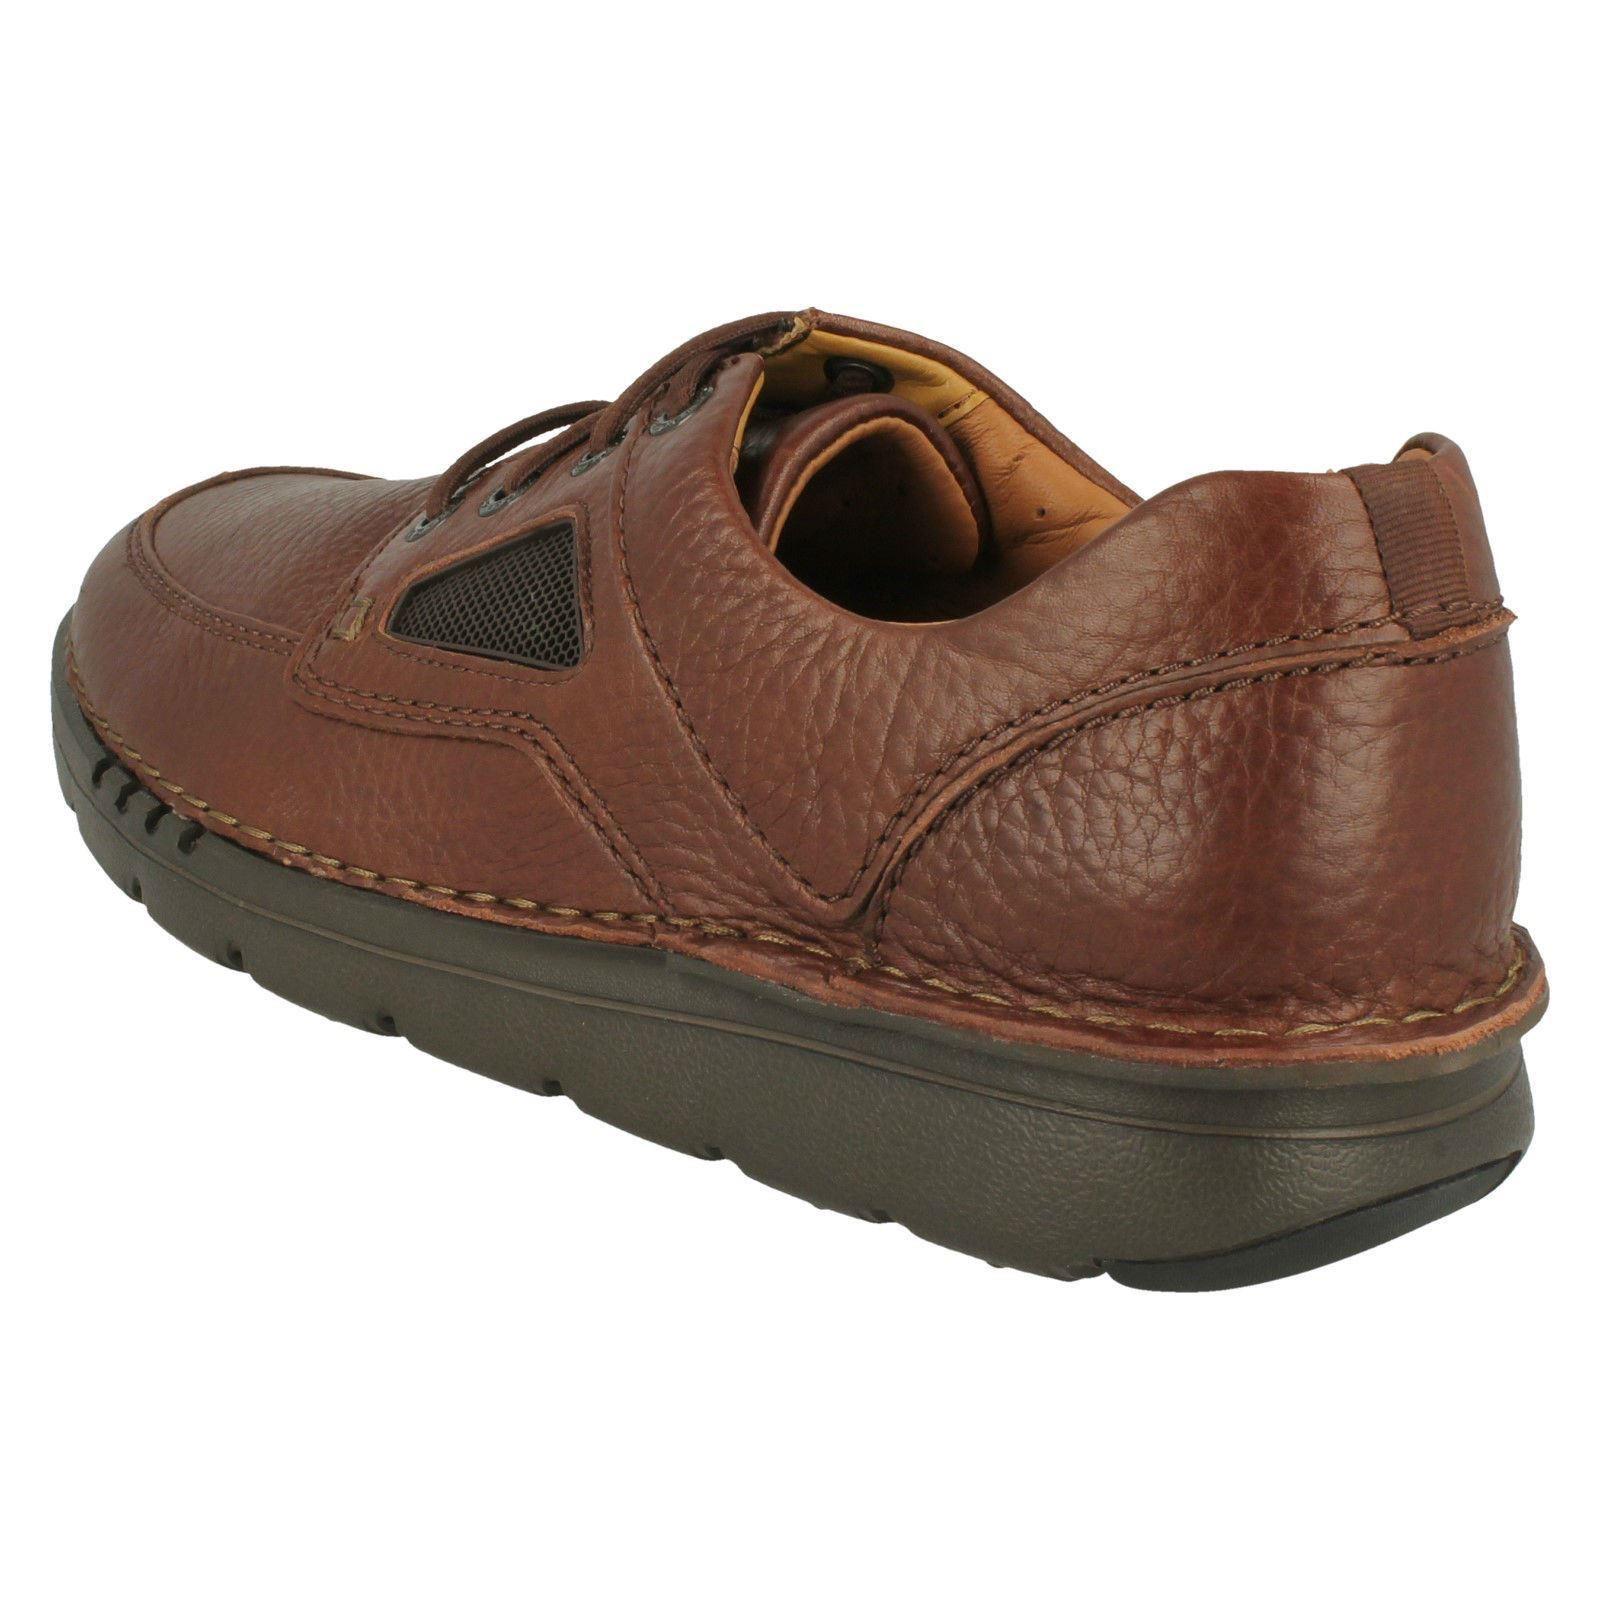 Mens Clarks Casual Casual Casual Lace Up Sporty scarpe Unnature Time | Sito Ufficiale  | Scolaro/Signora Scarpa  f8e203